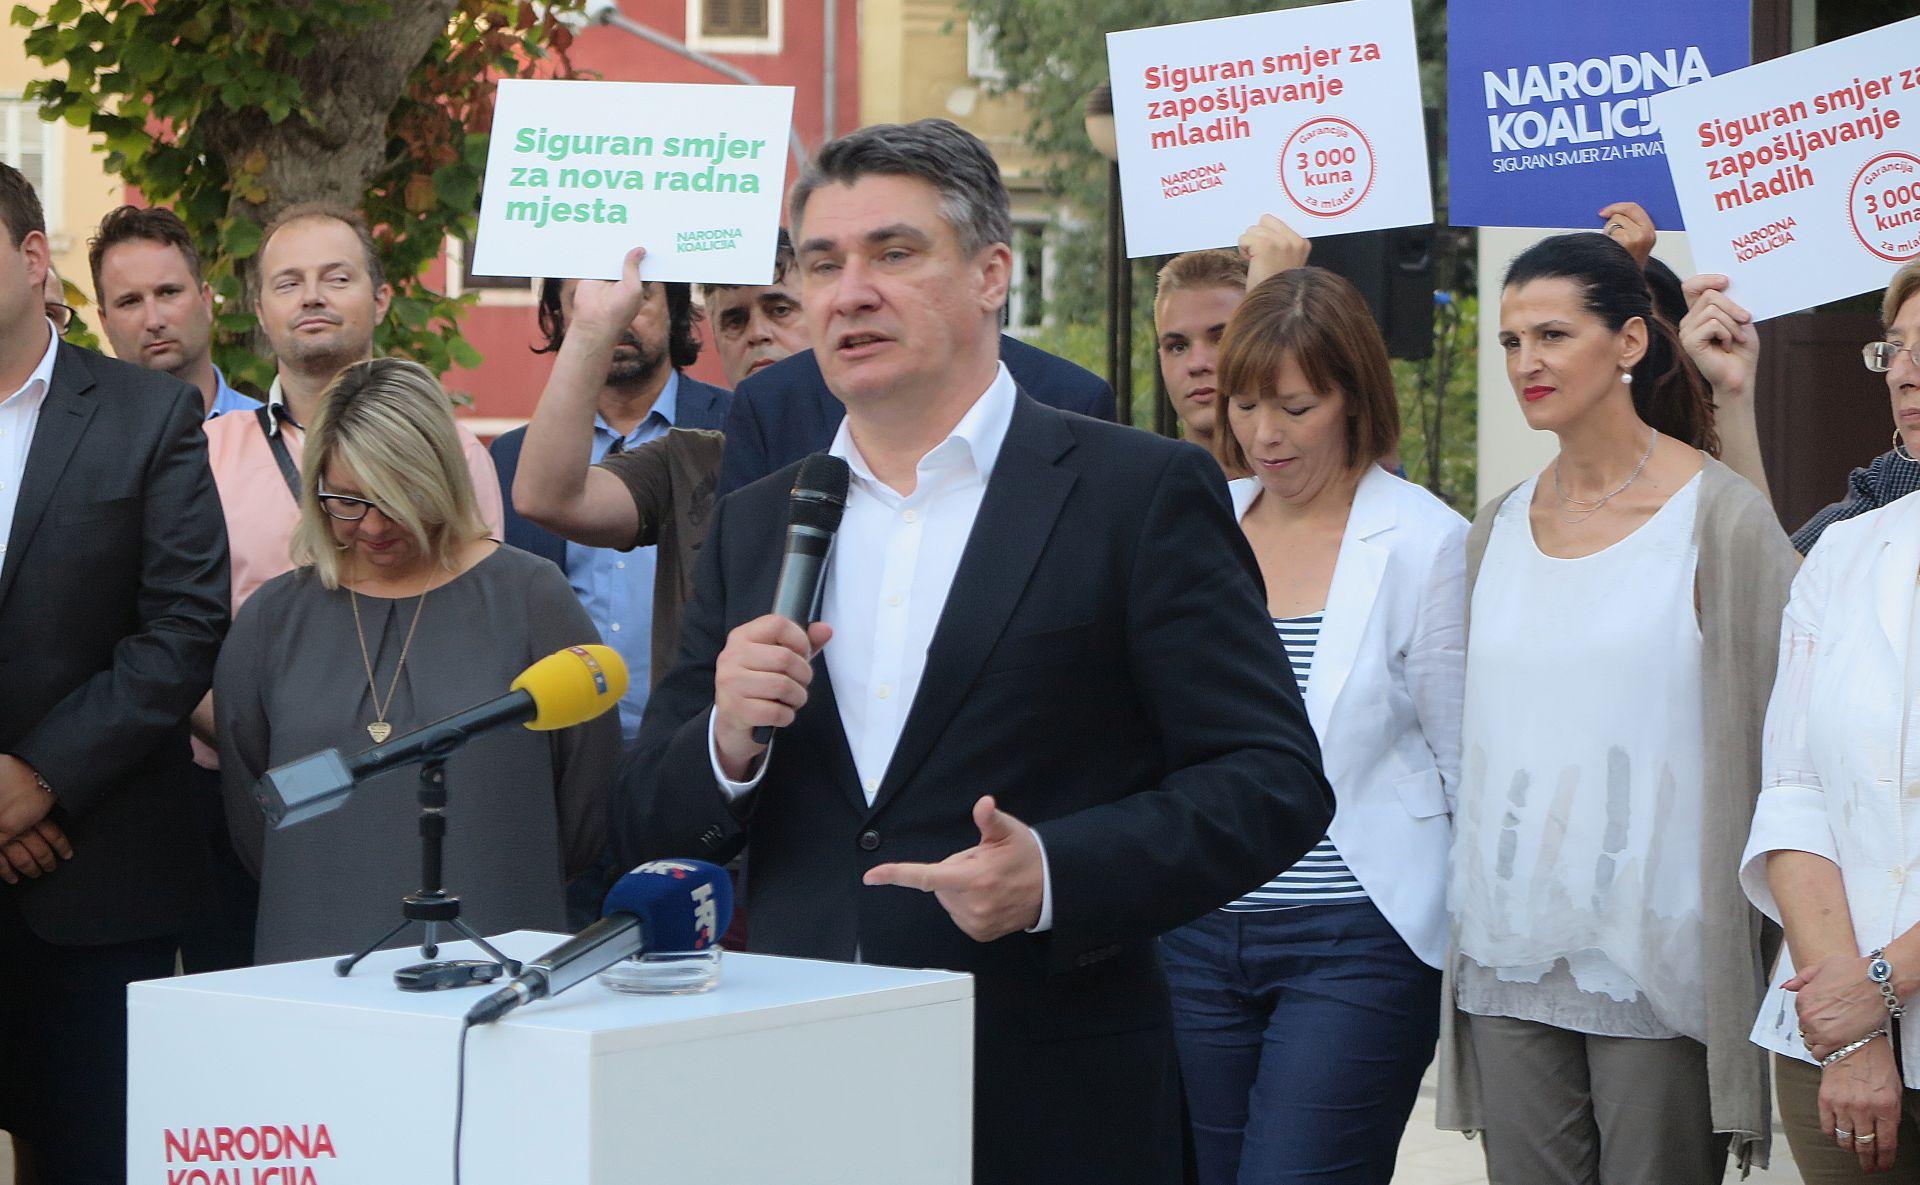 MILANOVIĆ: Lijeva koalicija je u mogućnosti preuzeti šansu i voditi Hrvatsku u red